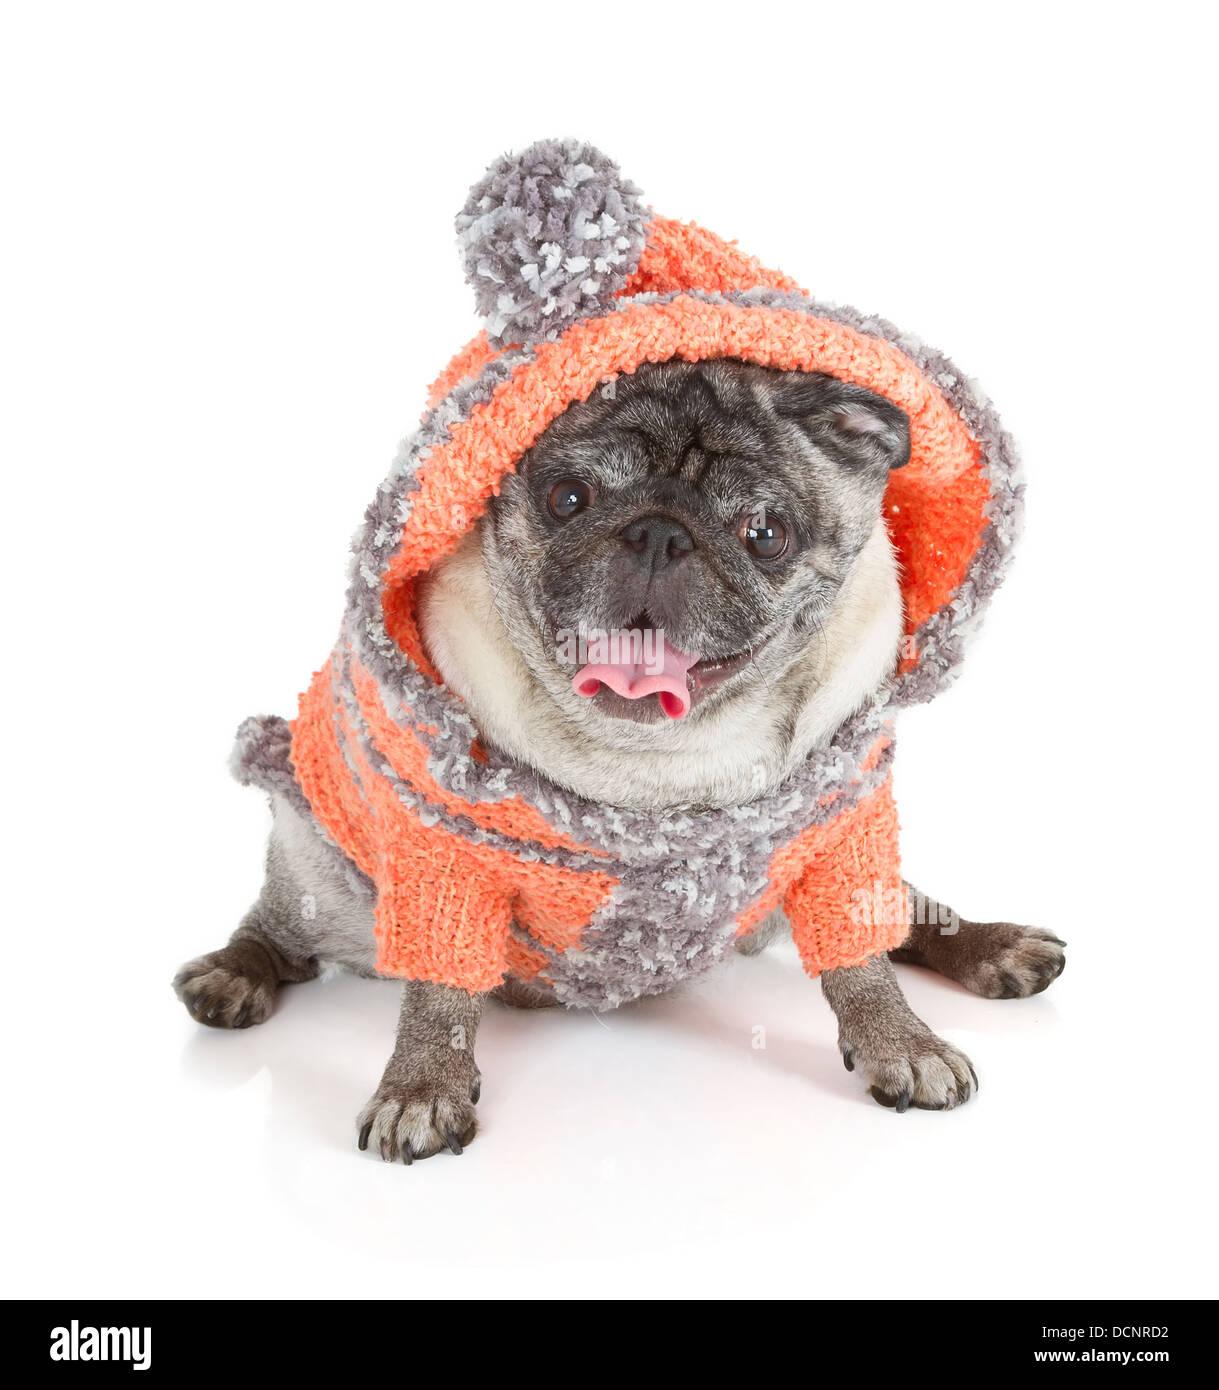 Pug dog isolated on white background - Stock Image